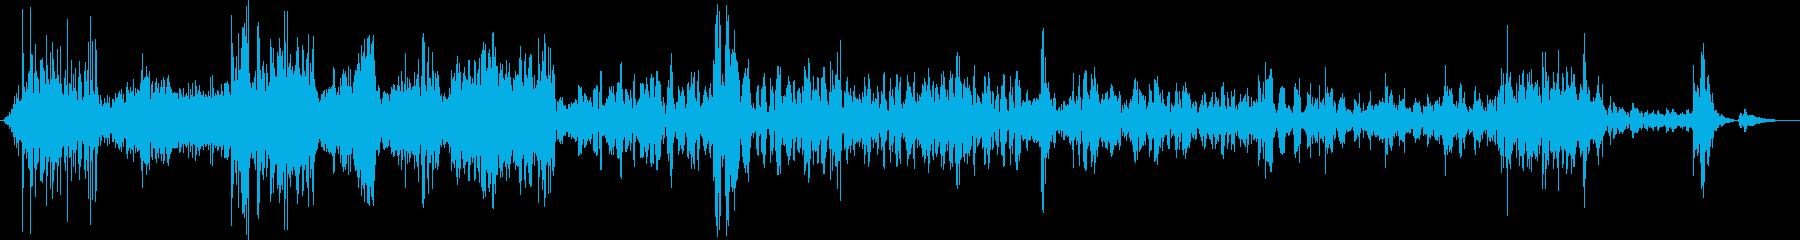 宇宙コンピューターデータ伝送ストリームの再生済みの波形